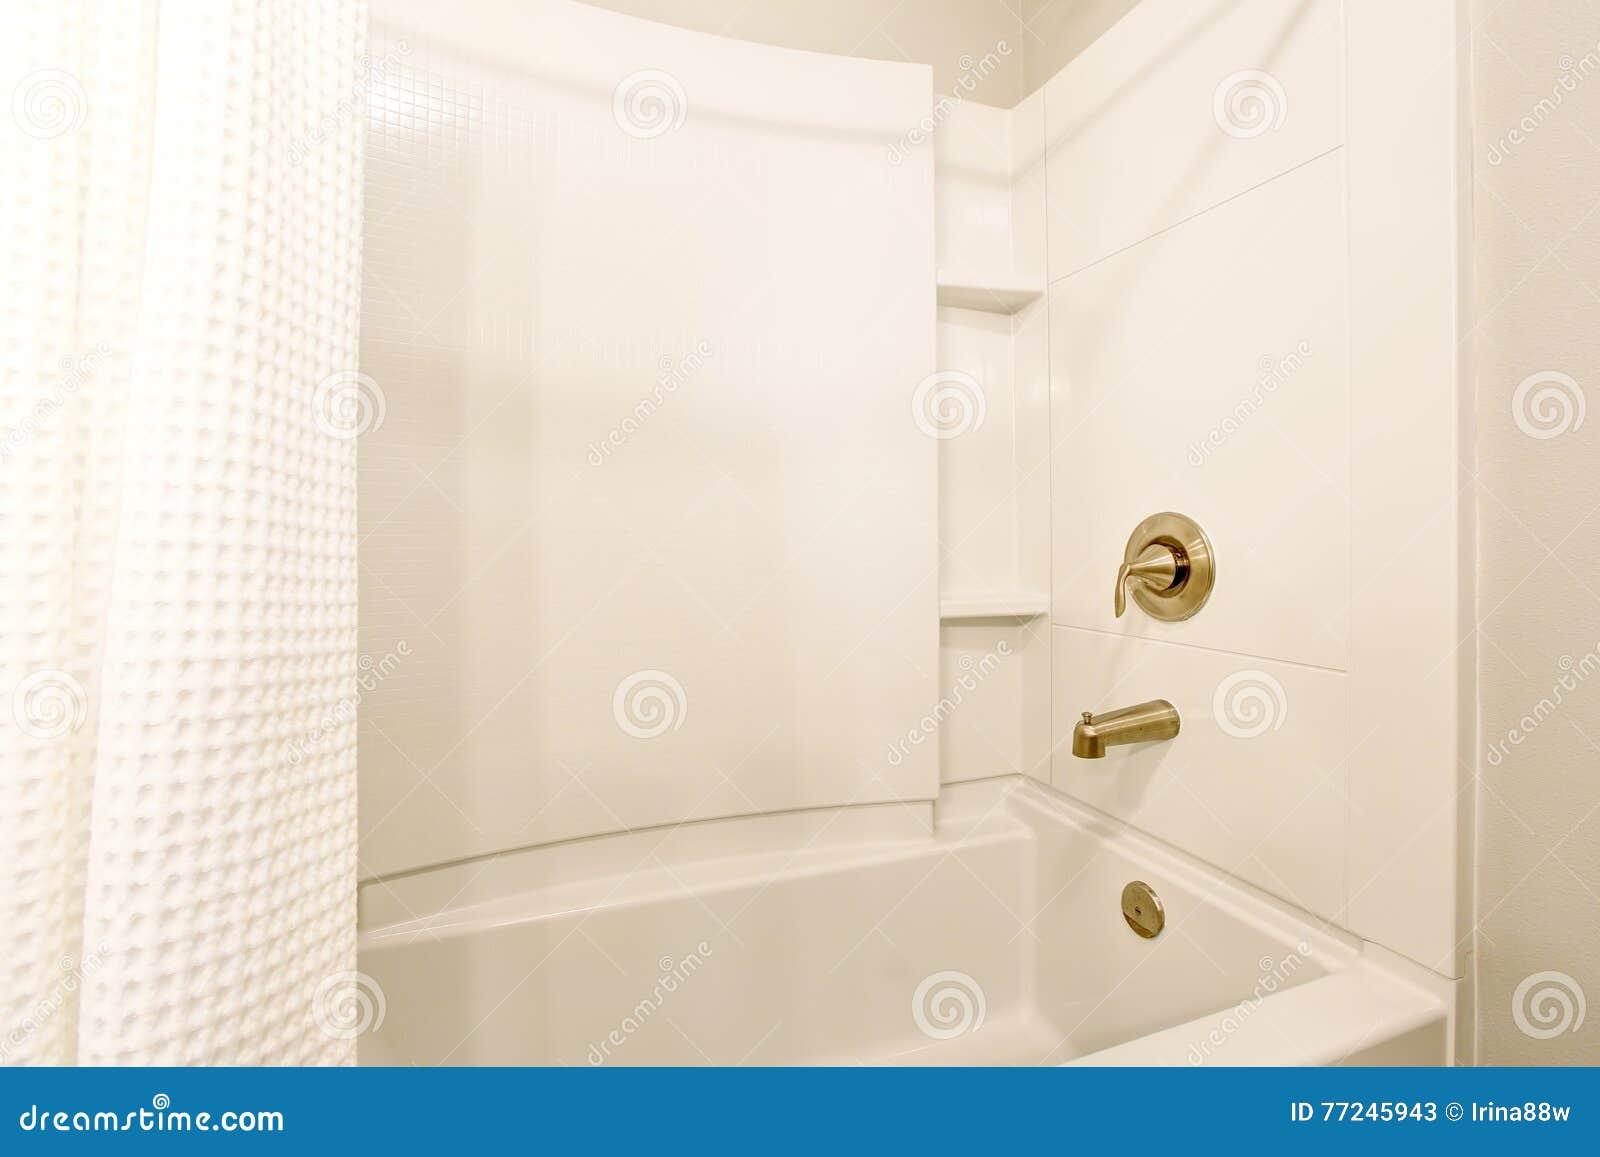 Vasca Da Bagno Libera : Come scegliere la vasca da bagno perfetta webcasa